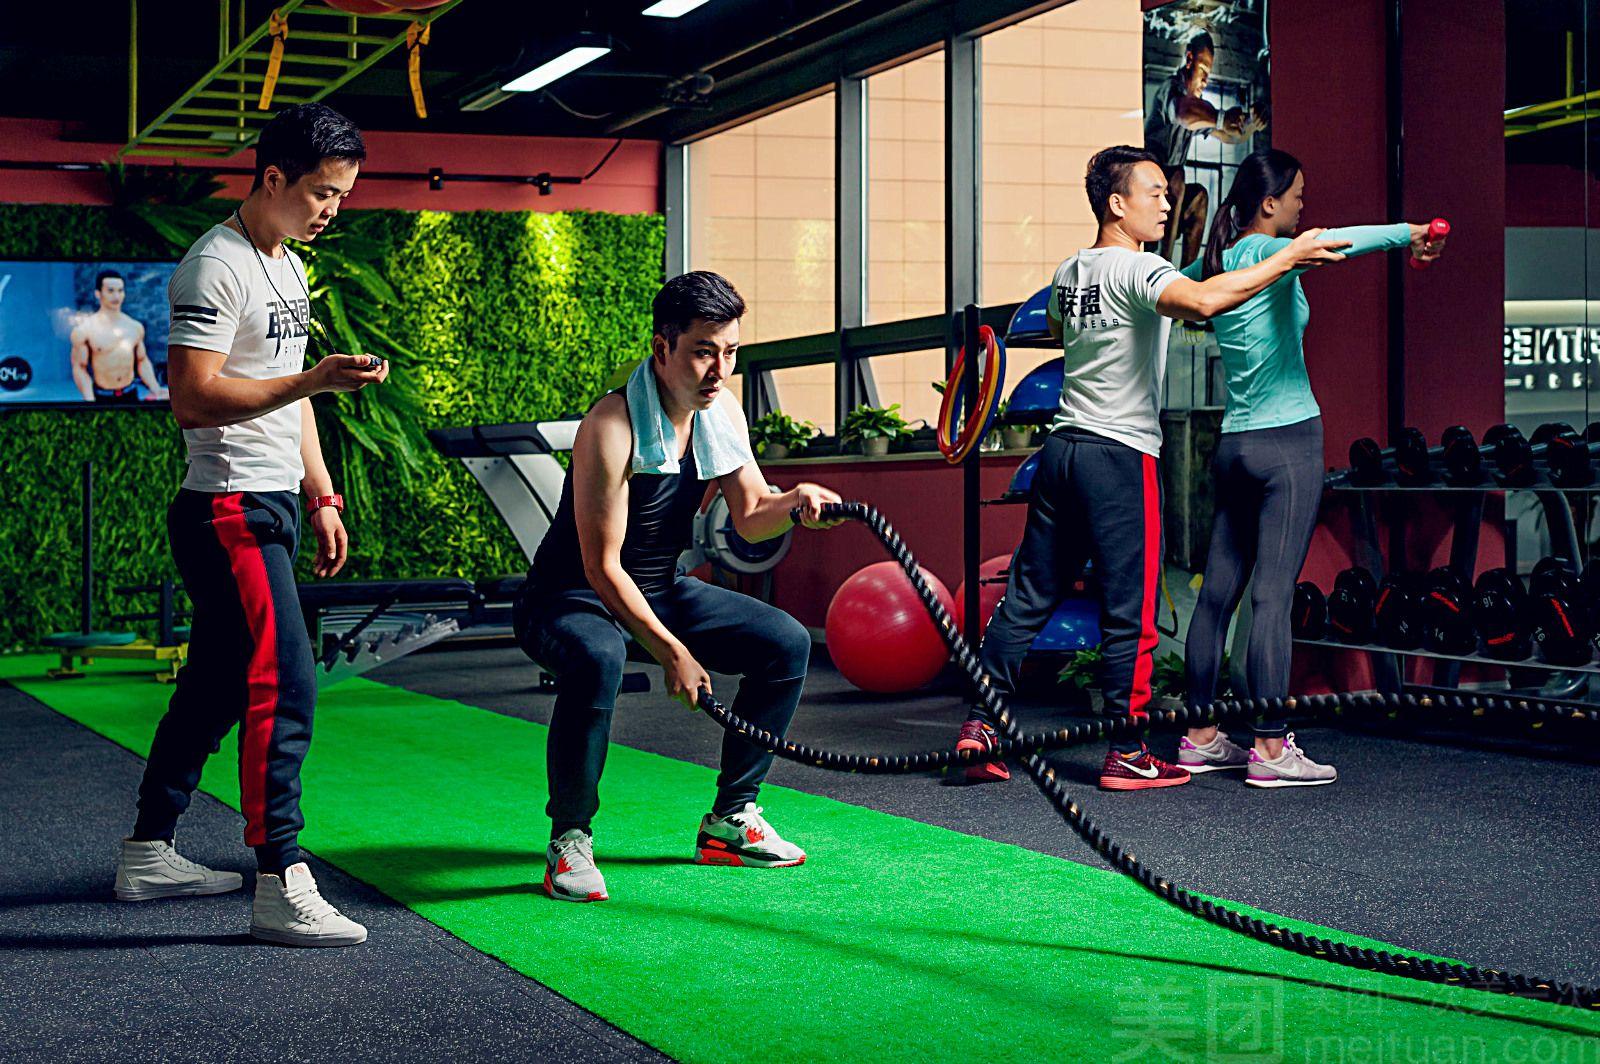 联盟 Fitness健身工作室-美团